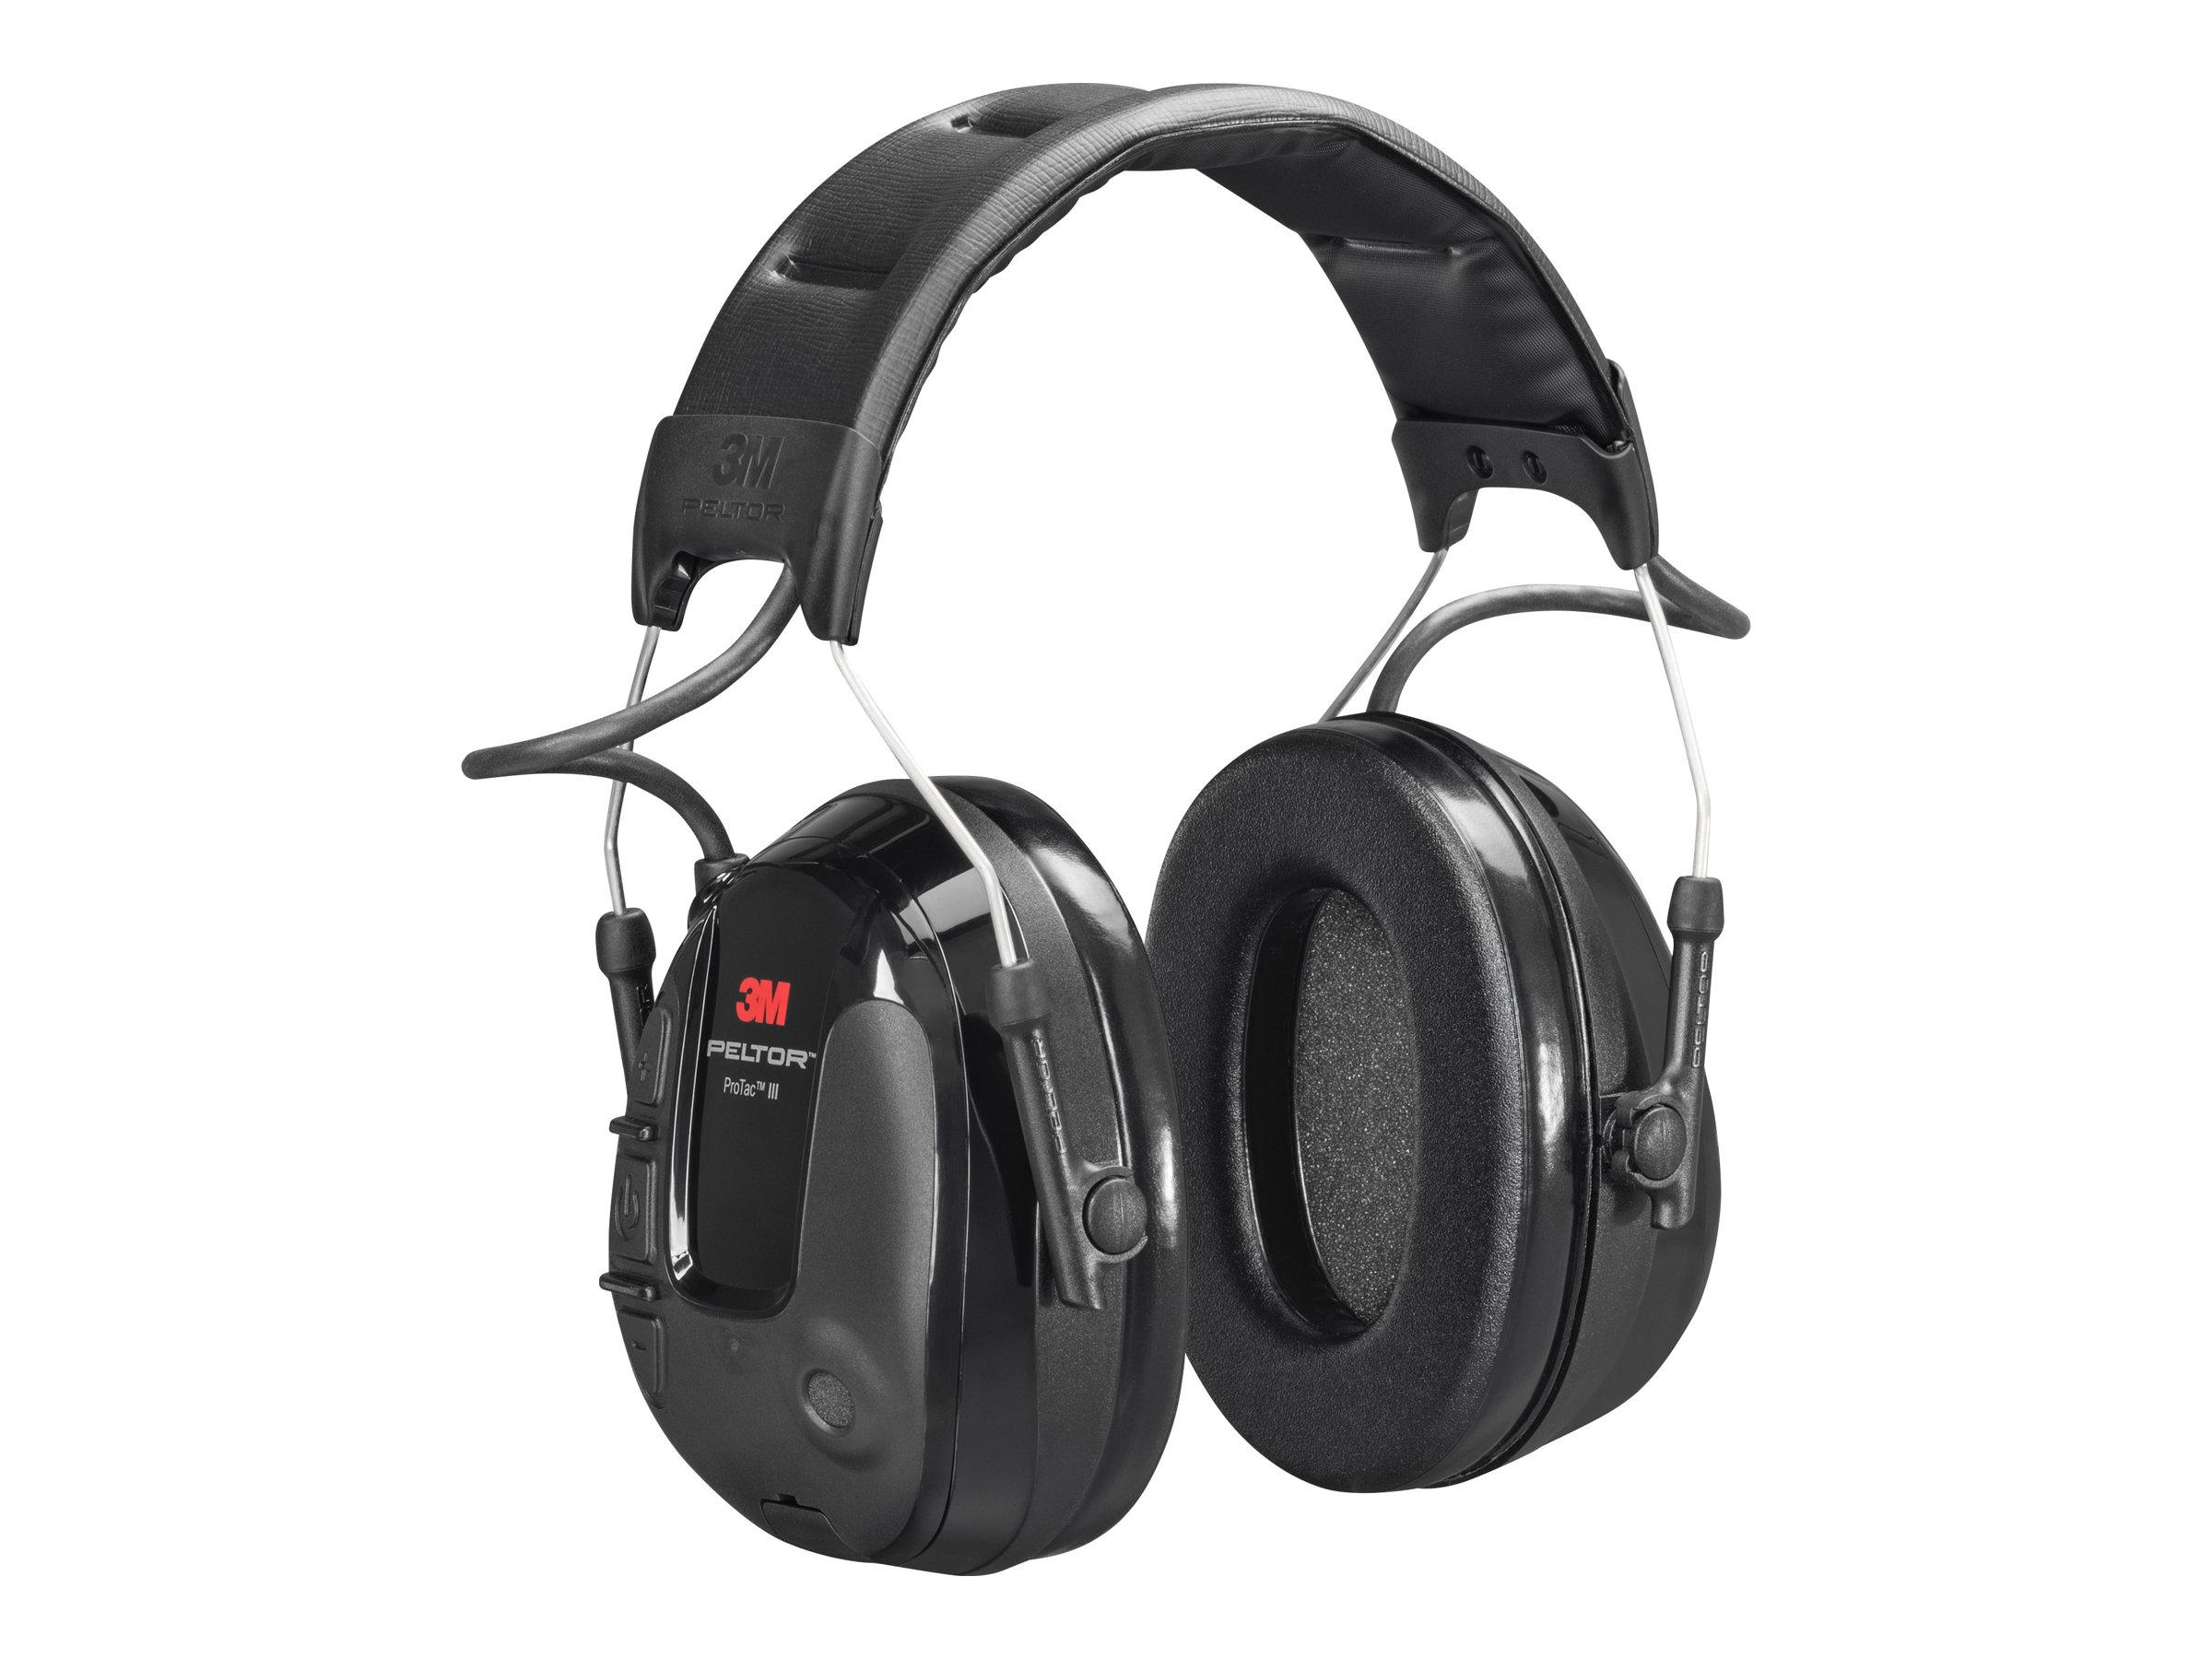 3M Peltor ProTac III Slim MT13H220A - Kopfhörer - Stirnband - vertikal - kabelgebunden - aktive Rauschunterdrückung